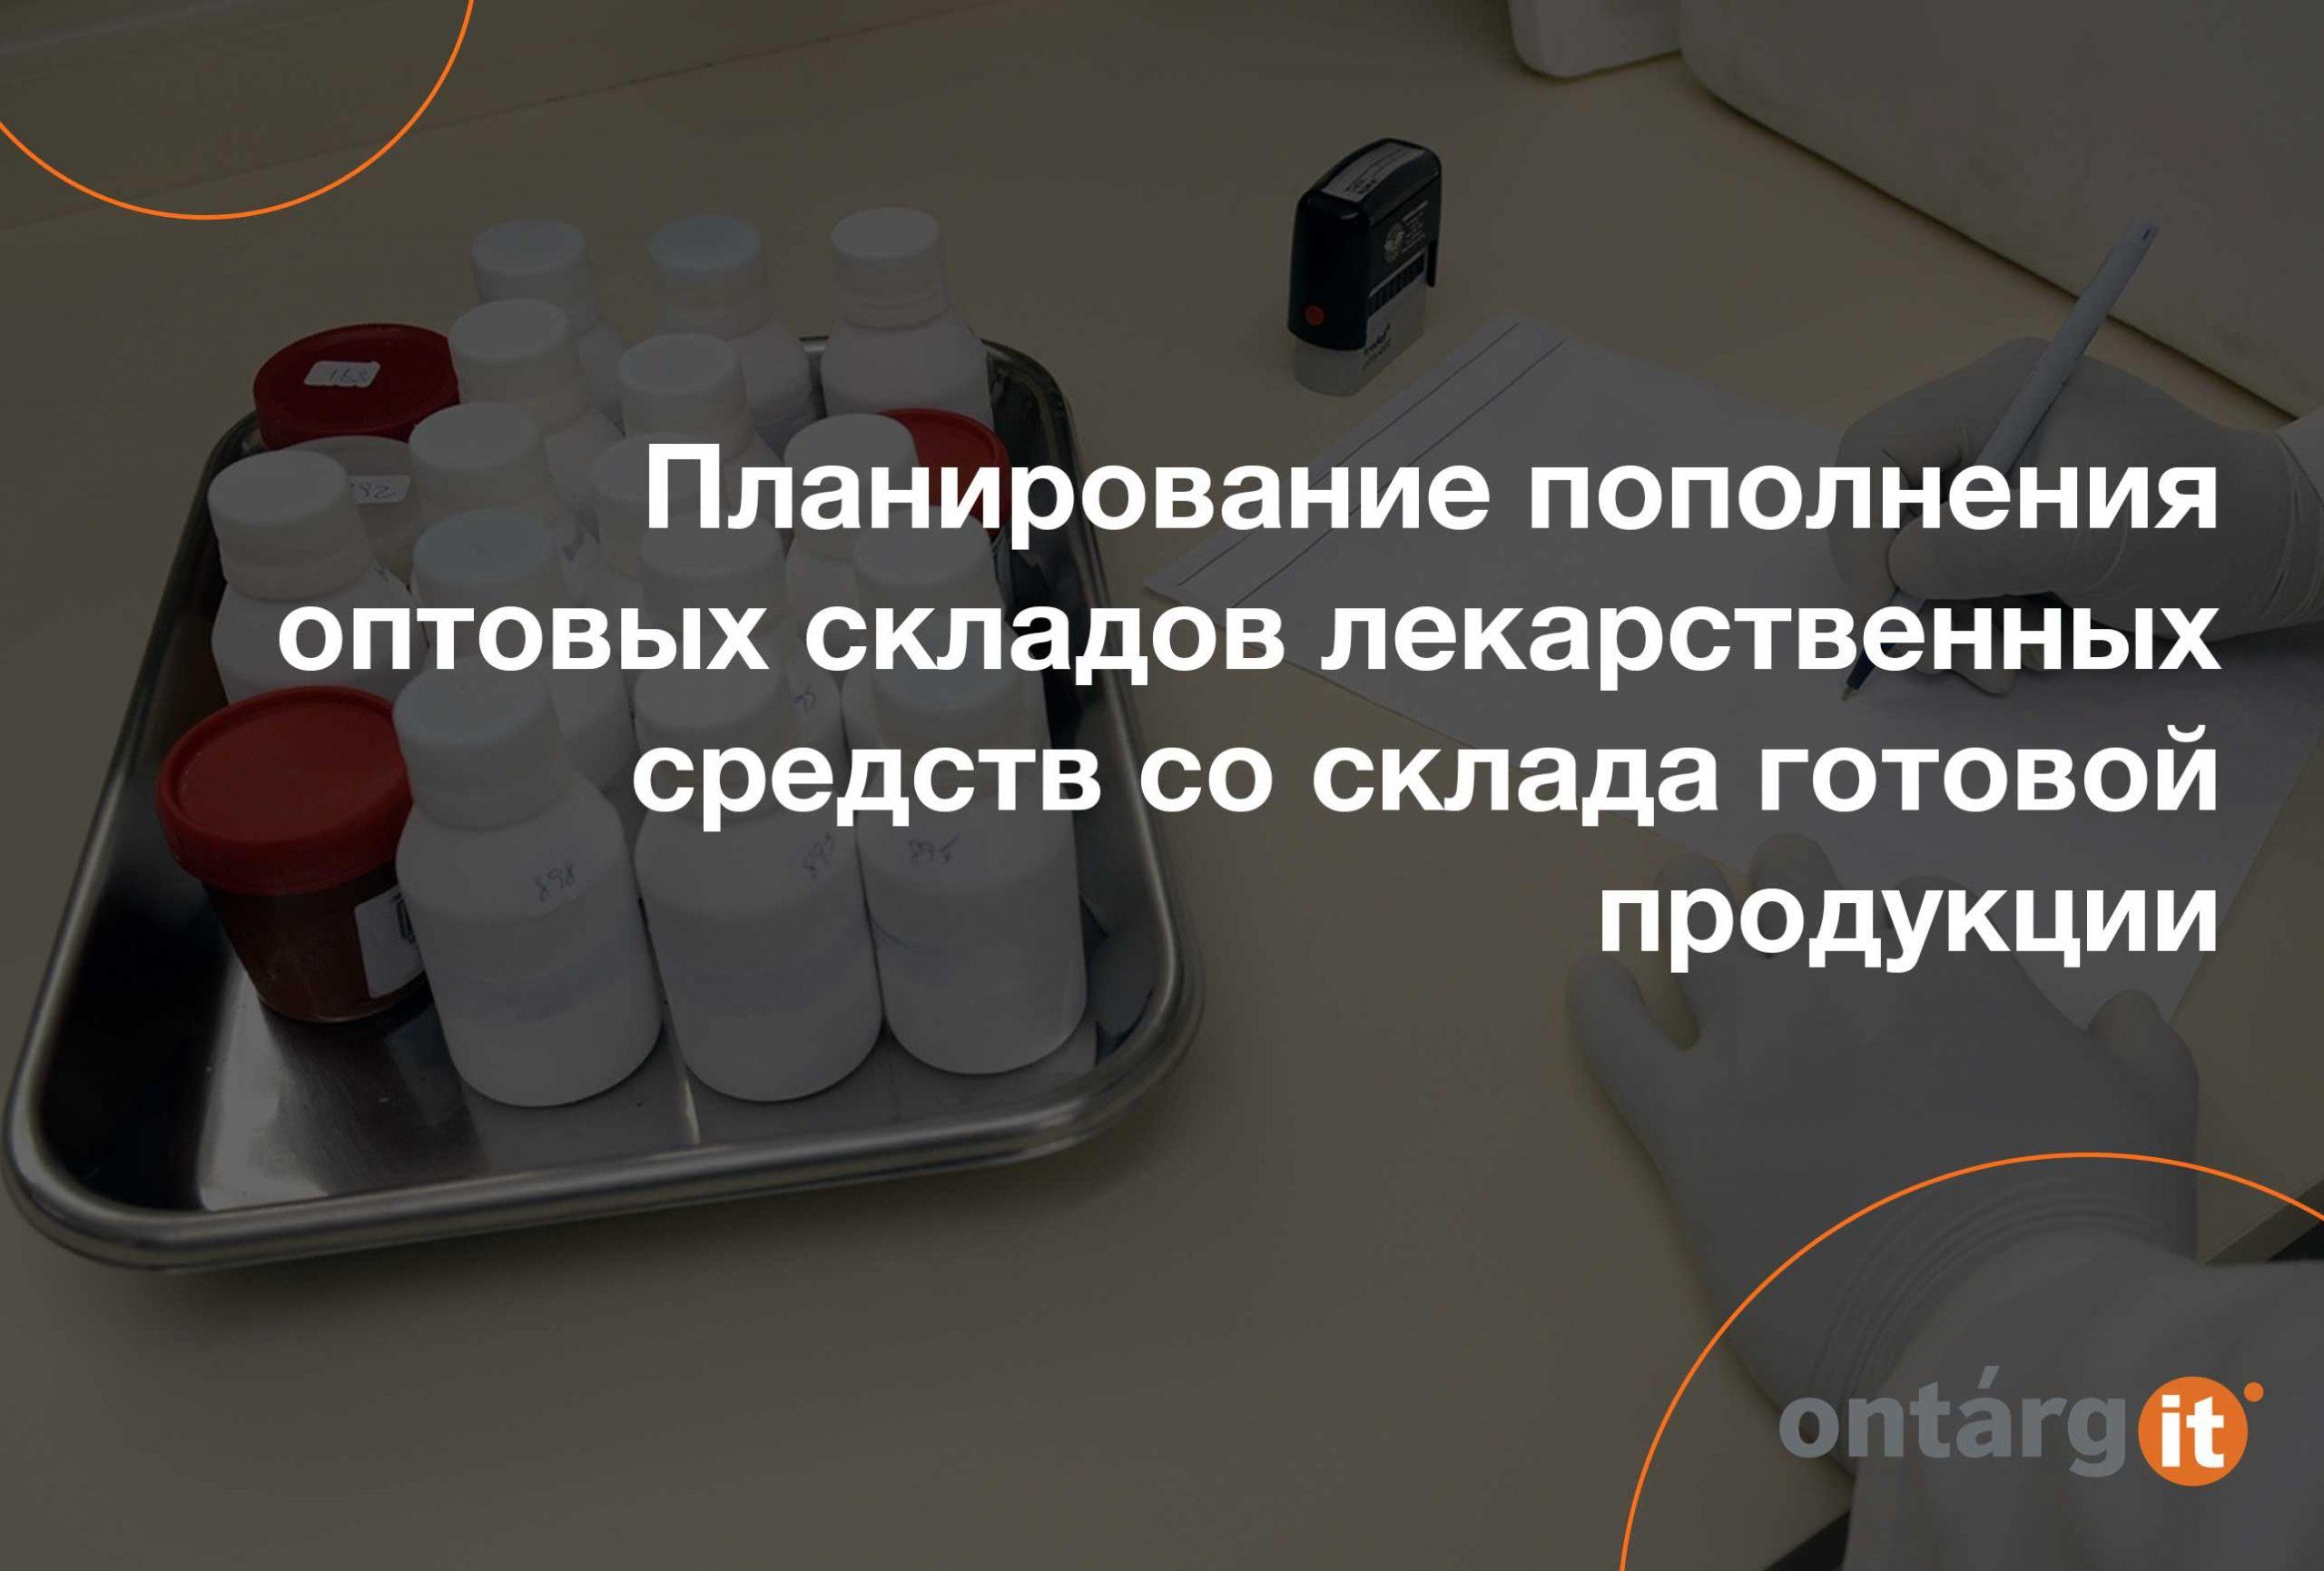 Планирование-пополнения-оптовых-складов-лекарственных-средств-со-склада-готовой-продукции